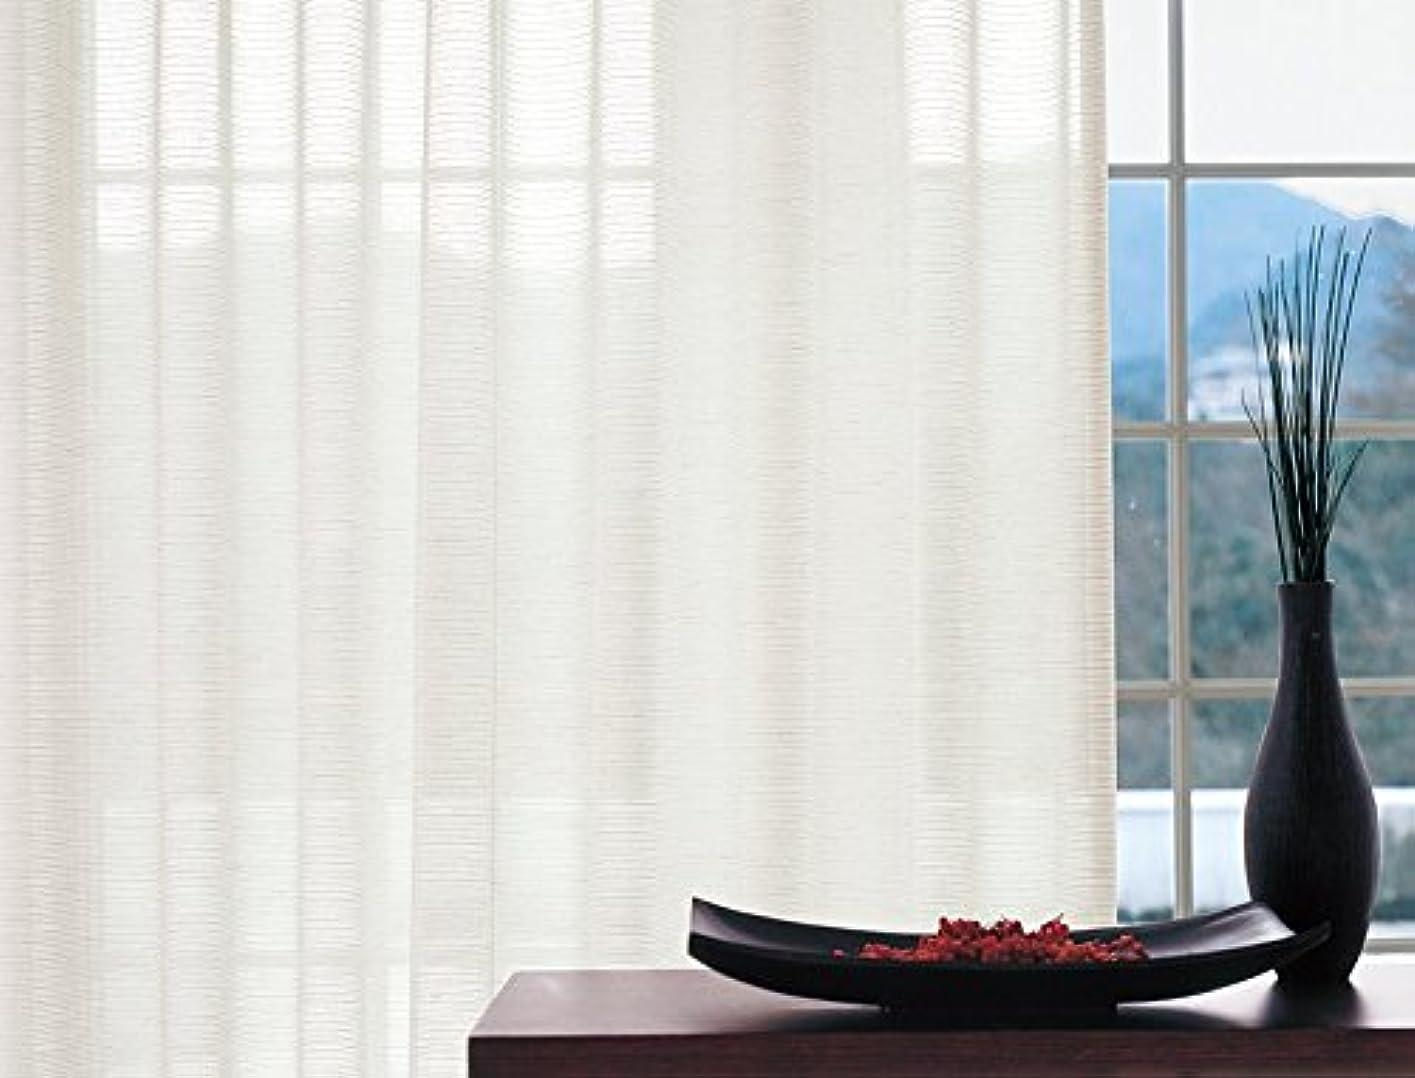 高度なボックスほこり東リ ナチュラルな風合いが特長 フラットカーテン1.3倍ヒダ KSA60475 幅:200cm ×丈:190cm (2枚組)オーダーカーテン